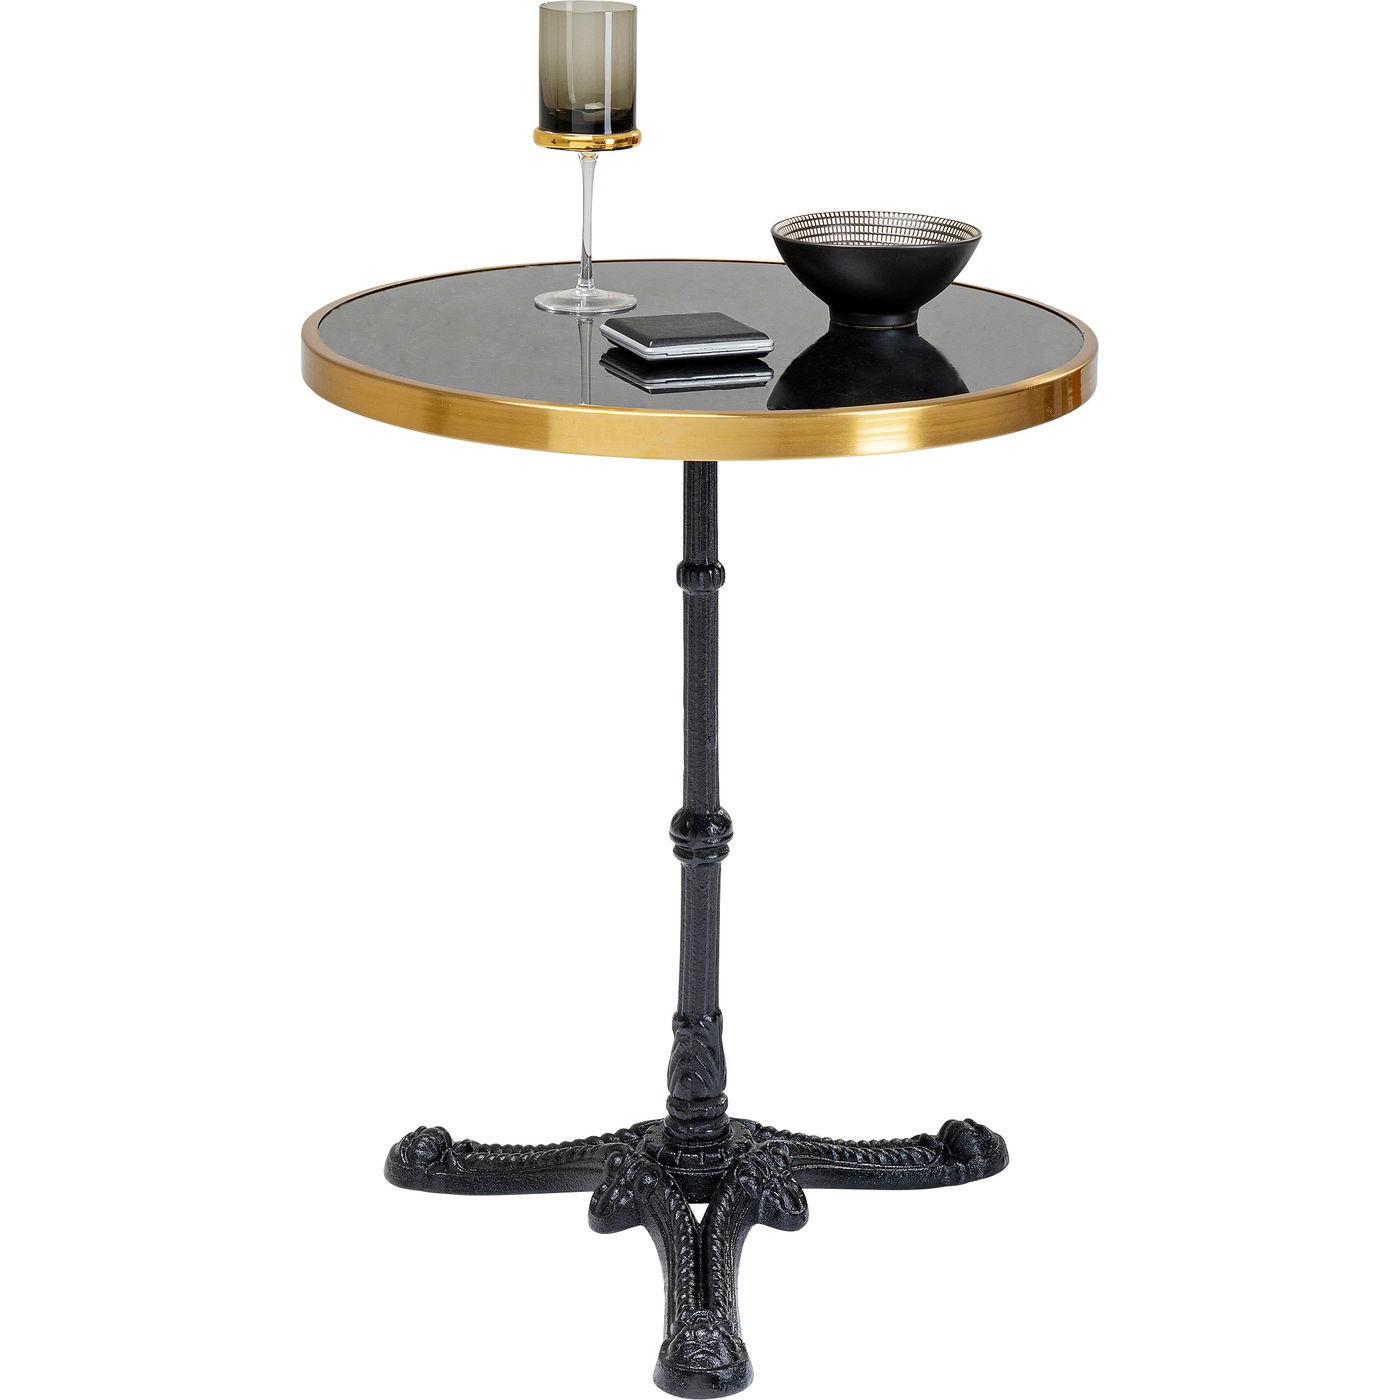 Table Bistrot ronde 57cm marbre noir et or Kare Design